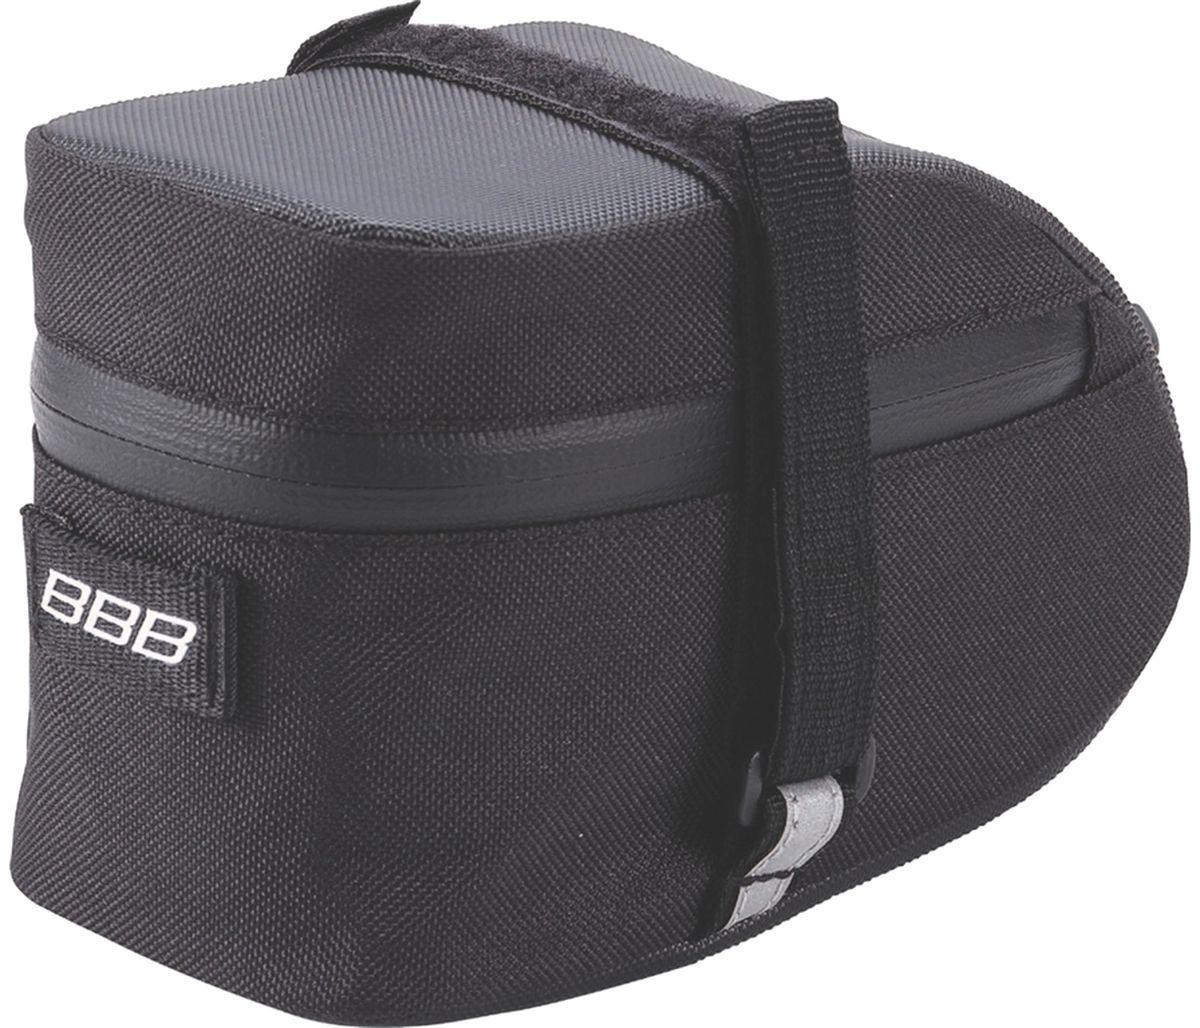 Велосумка под седло BBB EasyPack, цвет: черный. Размер MBSB-31MВ технологичной подседельной сумке BBB EasyPack применяются лучшие материалы и новейшие технологии. Синяя подкладка обеспечивает лучшую видимость содержимого. Эластичный ремешок и карман для простоты организации содержимого вашей сумочки . Водонепроницаемая молния с фиксатором дает дополнительную безопасность и абсолютно бесшумна при езде. Крепление для заднего габарита-LED фонарика. Черная светоотражающая полоска обеспечивает лучшую видимость вас на дороге. Двойная застежка на липучке помогает просто и быстро установить/снять сумку. Резиновый ремешок крепления к подседельному штырю для надежной фиксации сумочки и во избежание повреждений лайкровых шорт и подседельного штыря.